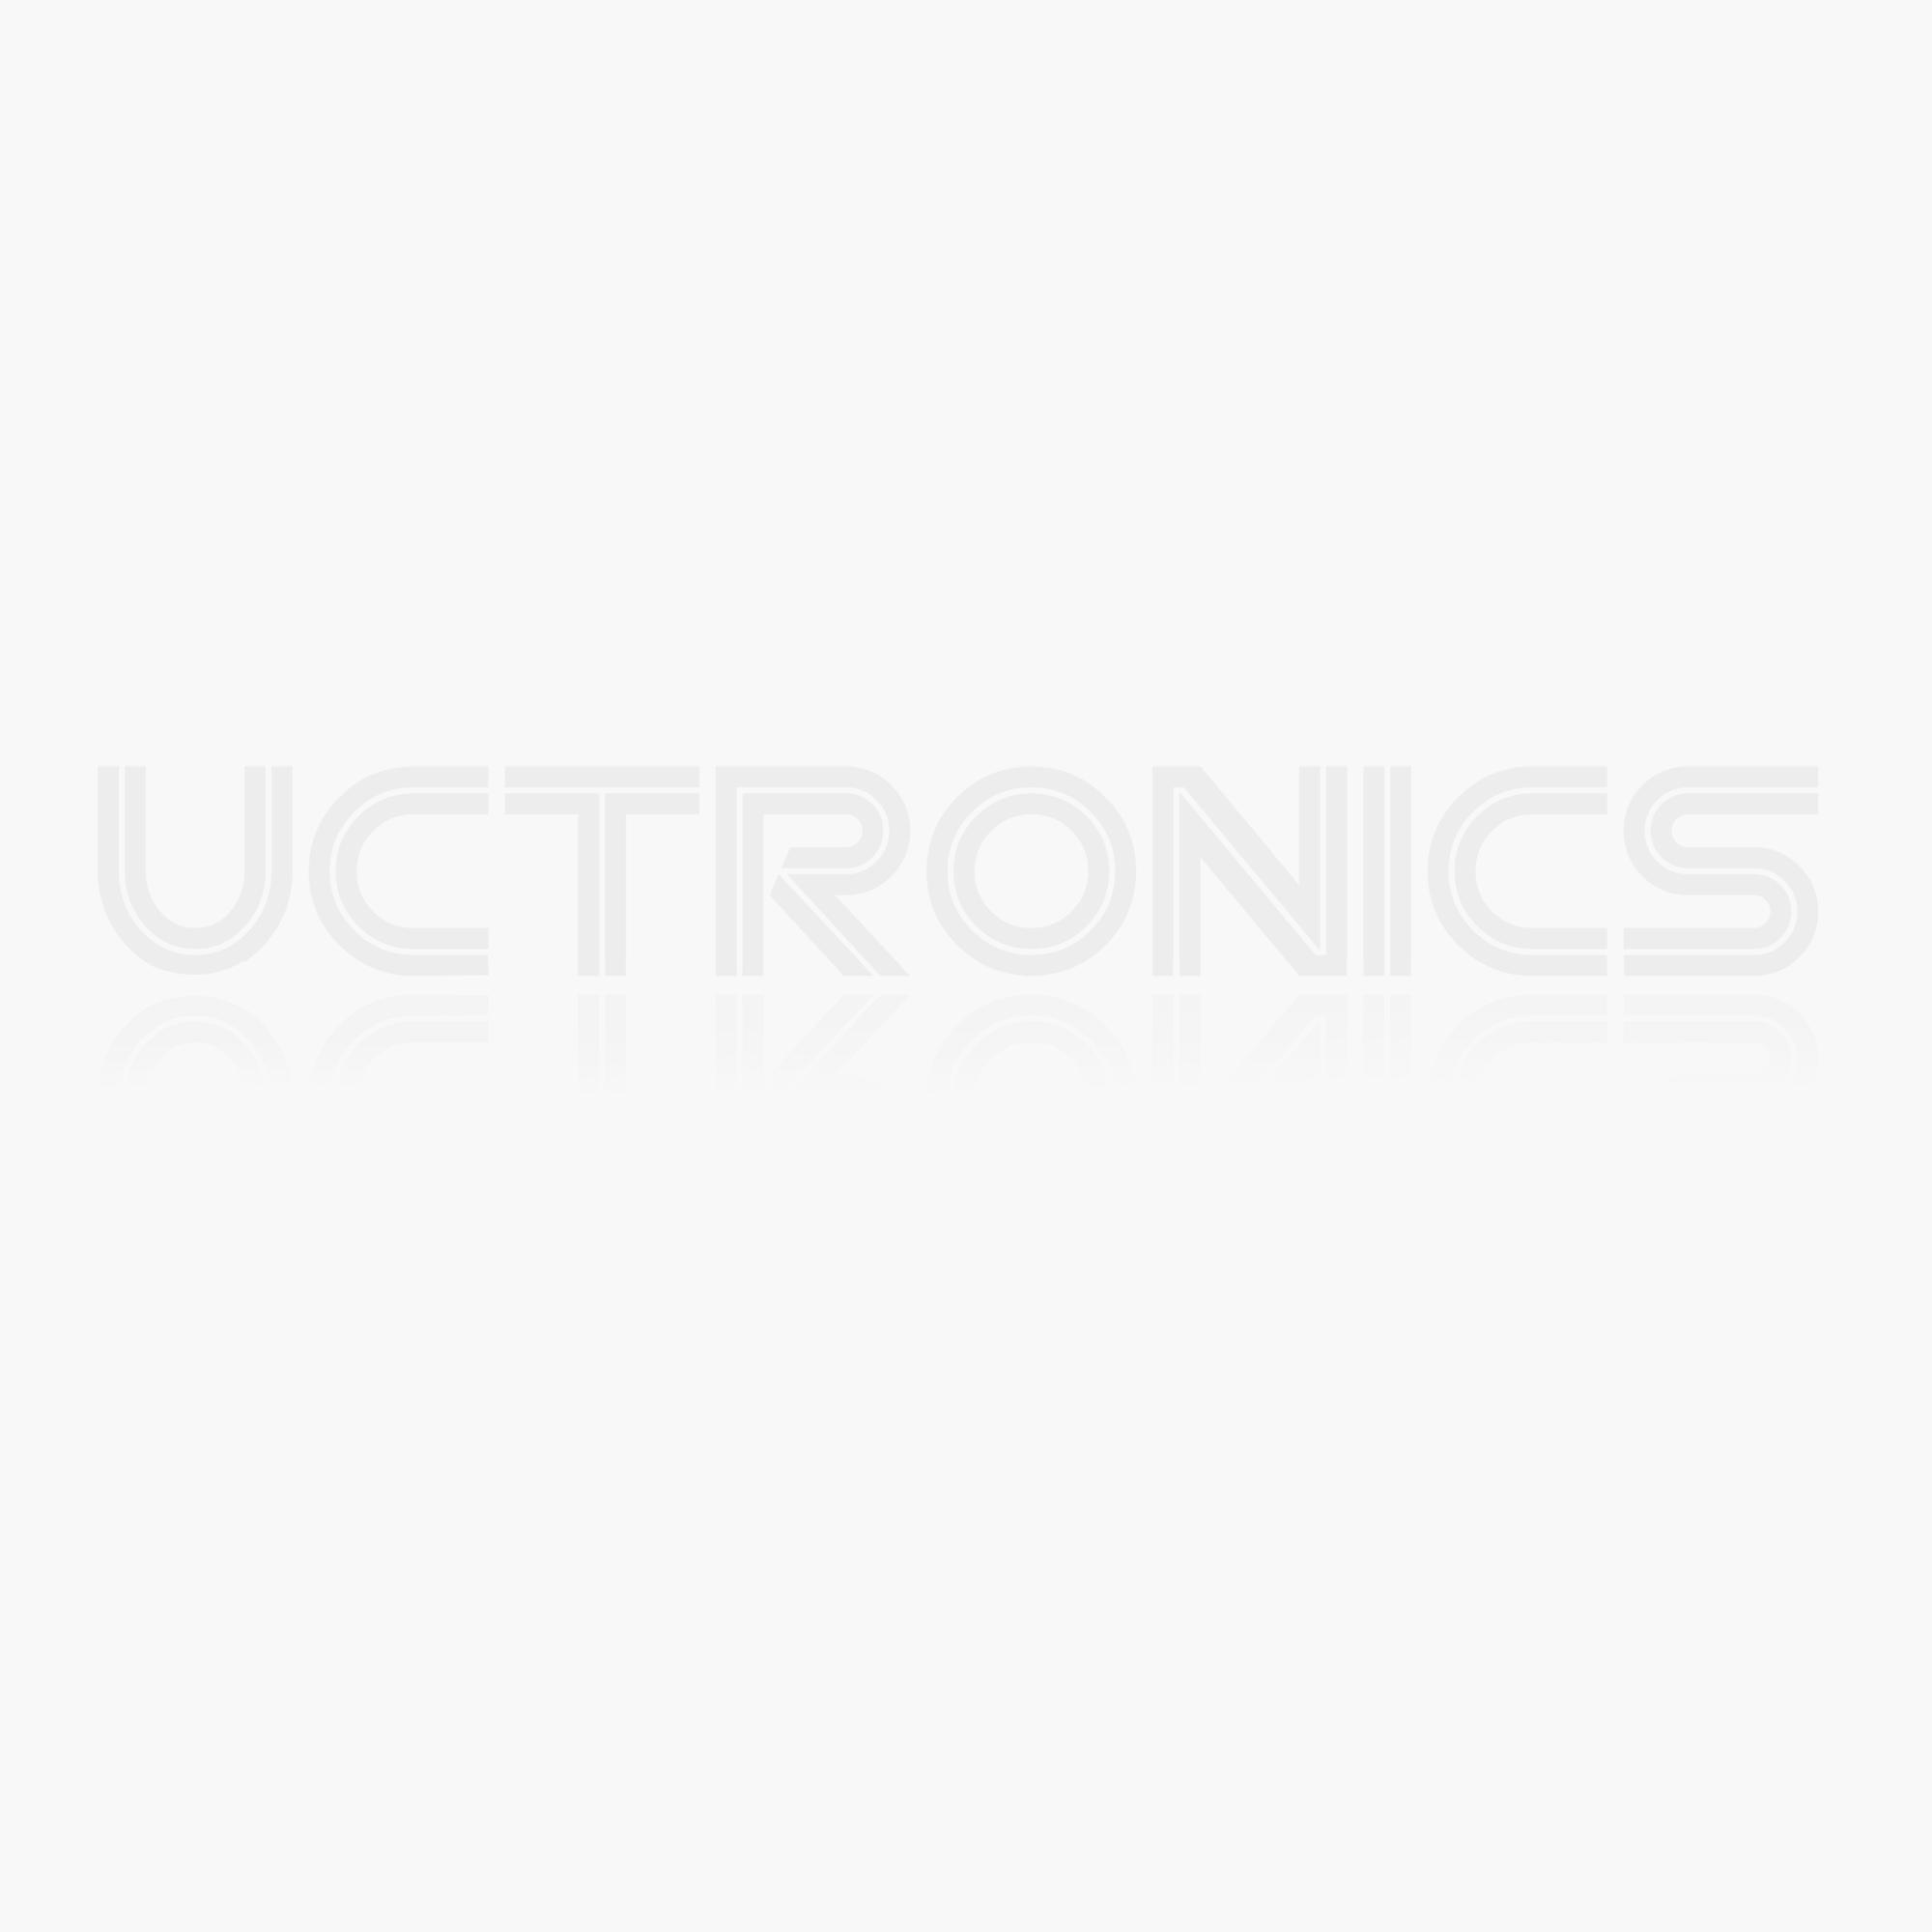 250mm length Porcelaine ABS Stereo Batten